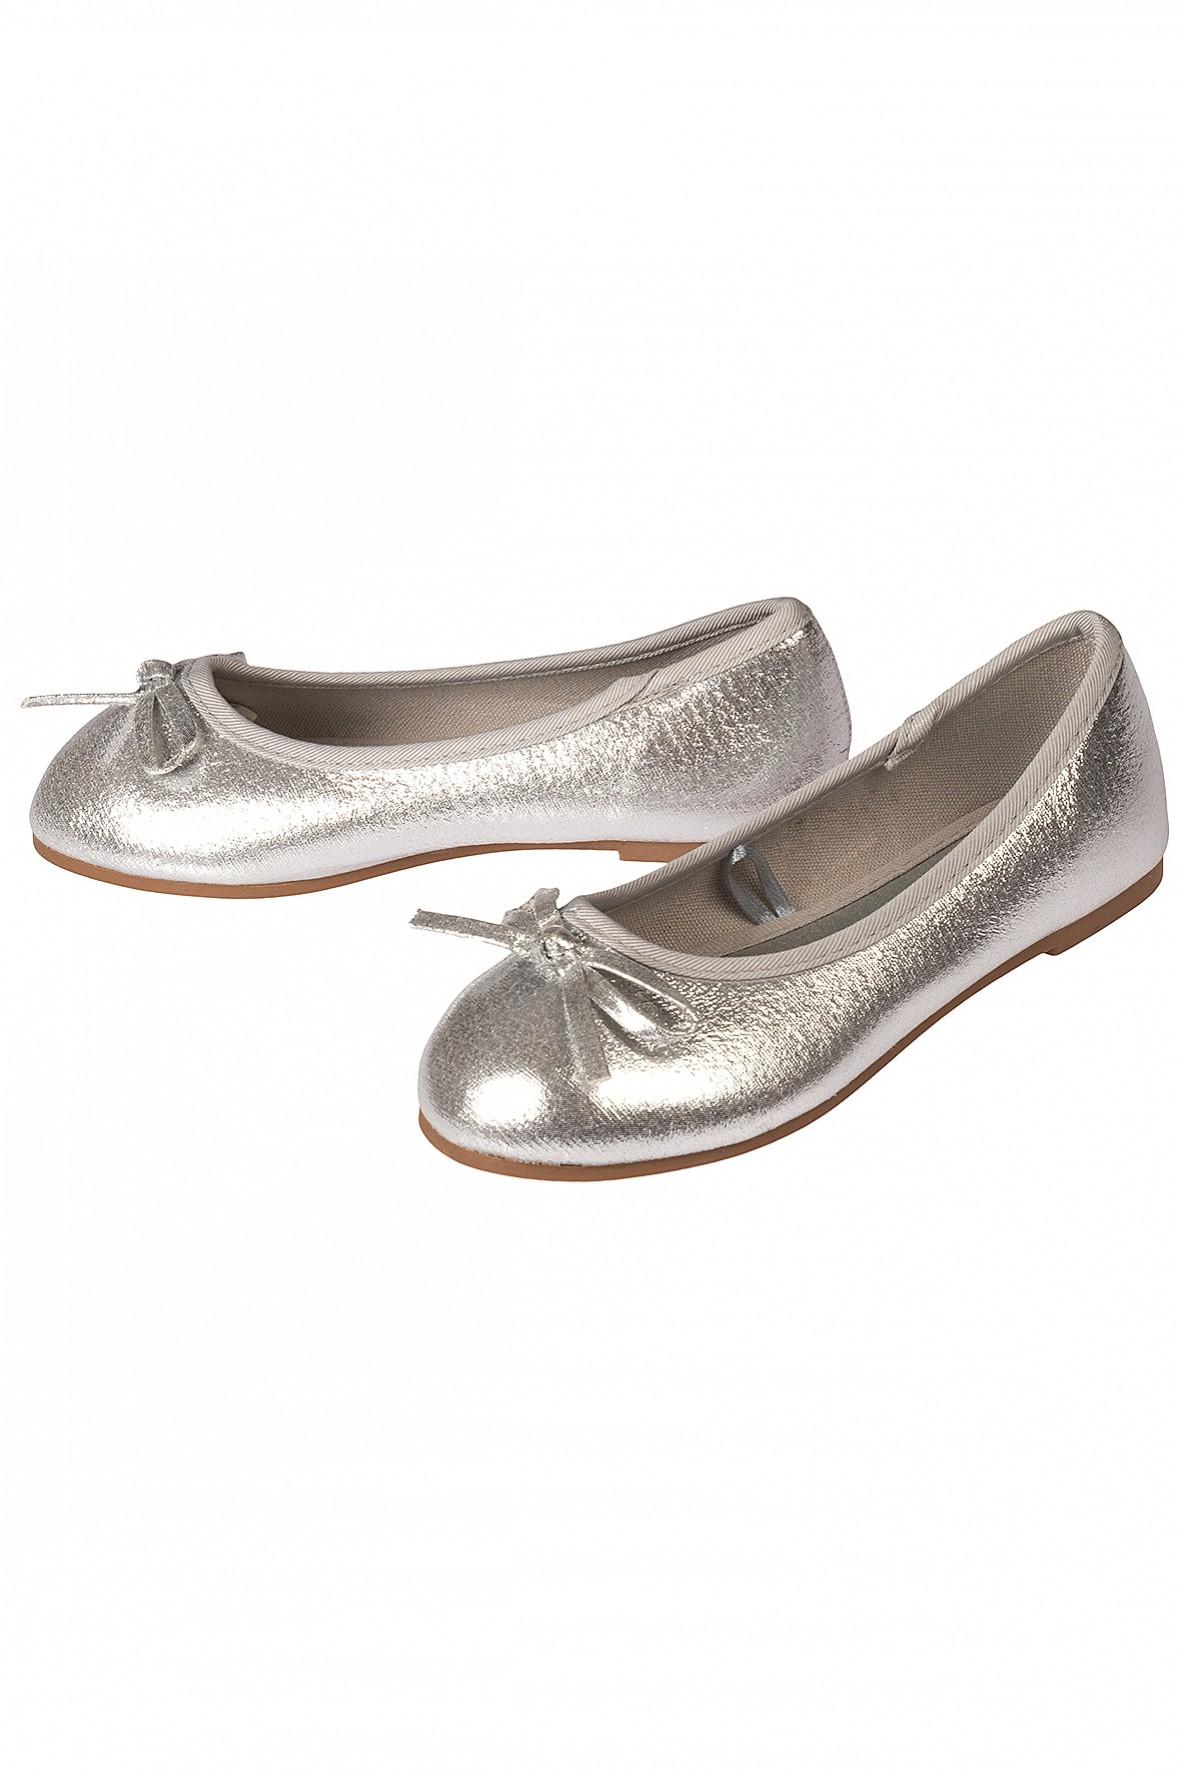 Baleriny dziewczęce srebrne